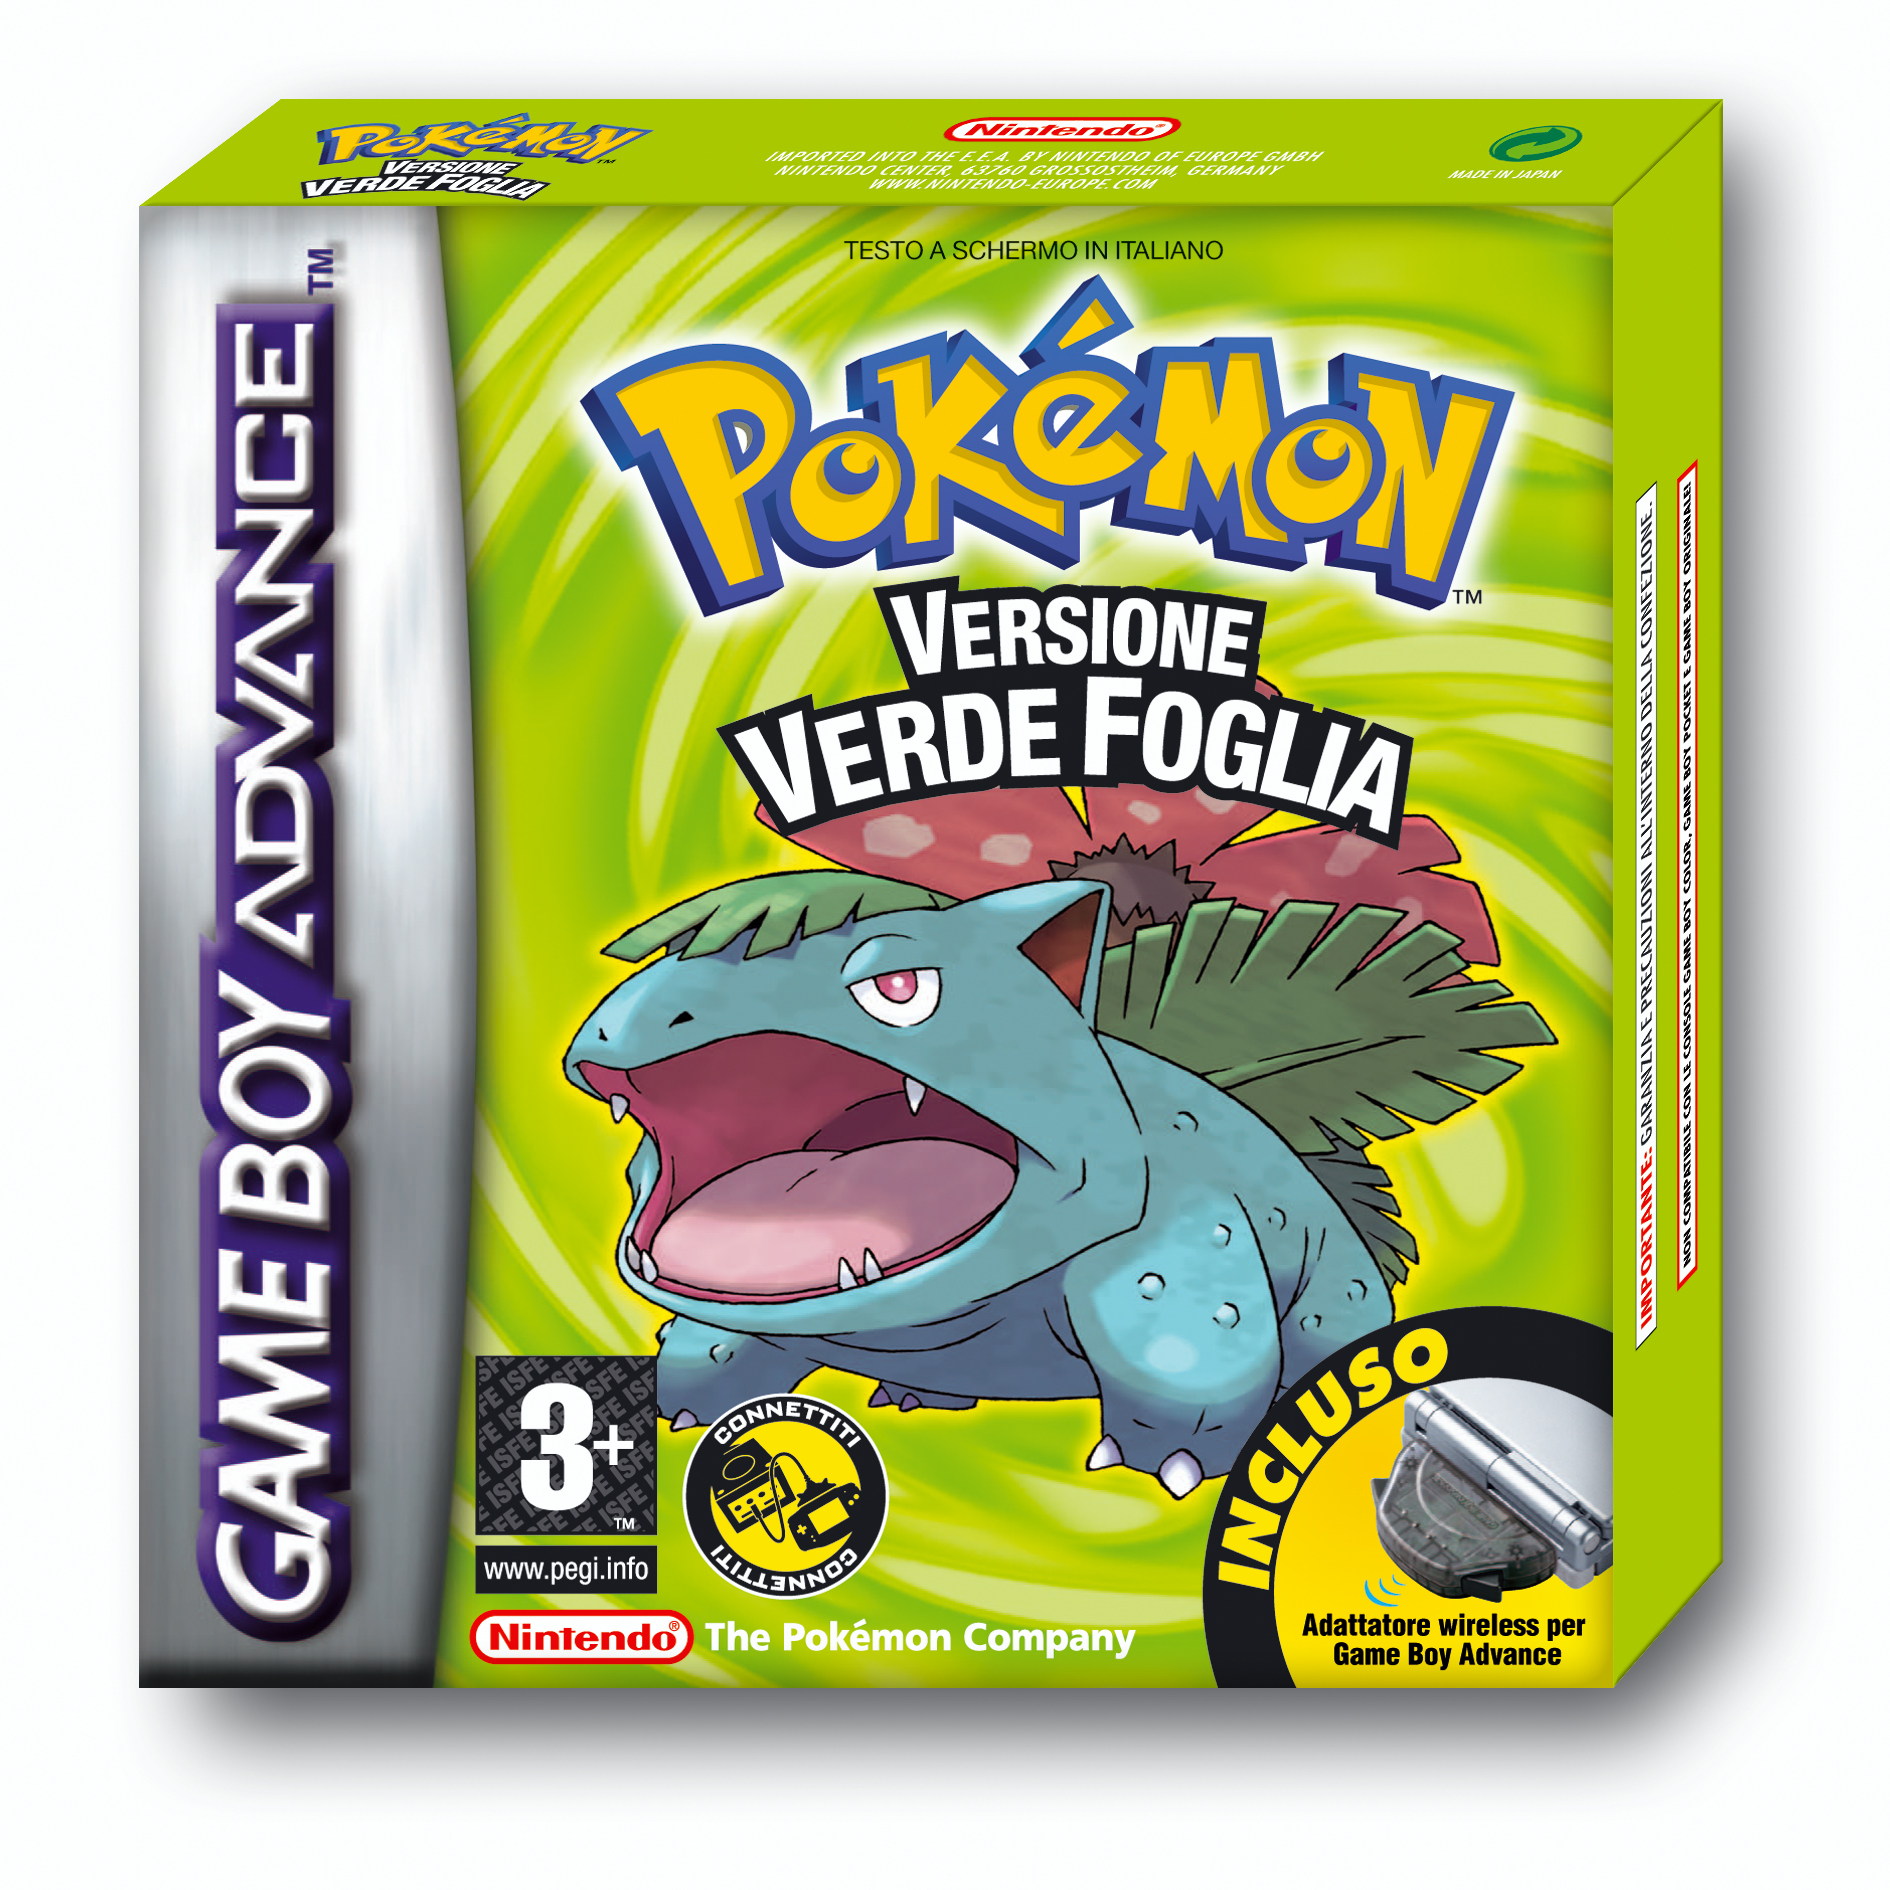 Pokémon Verde Foglia